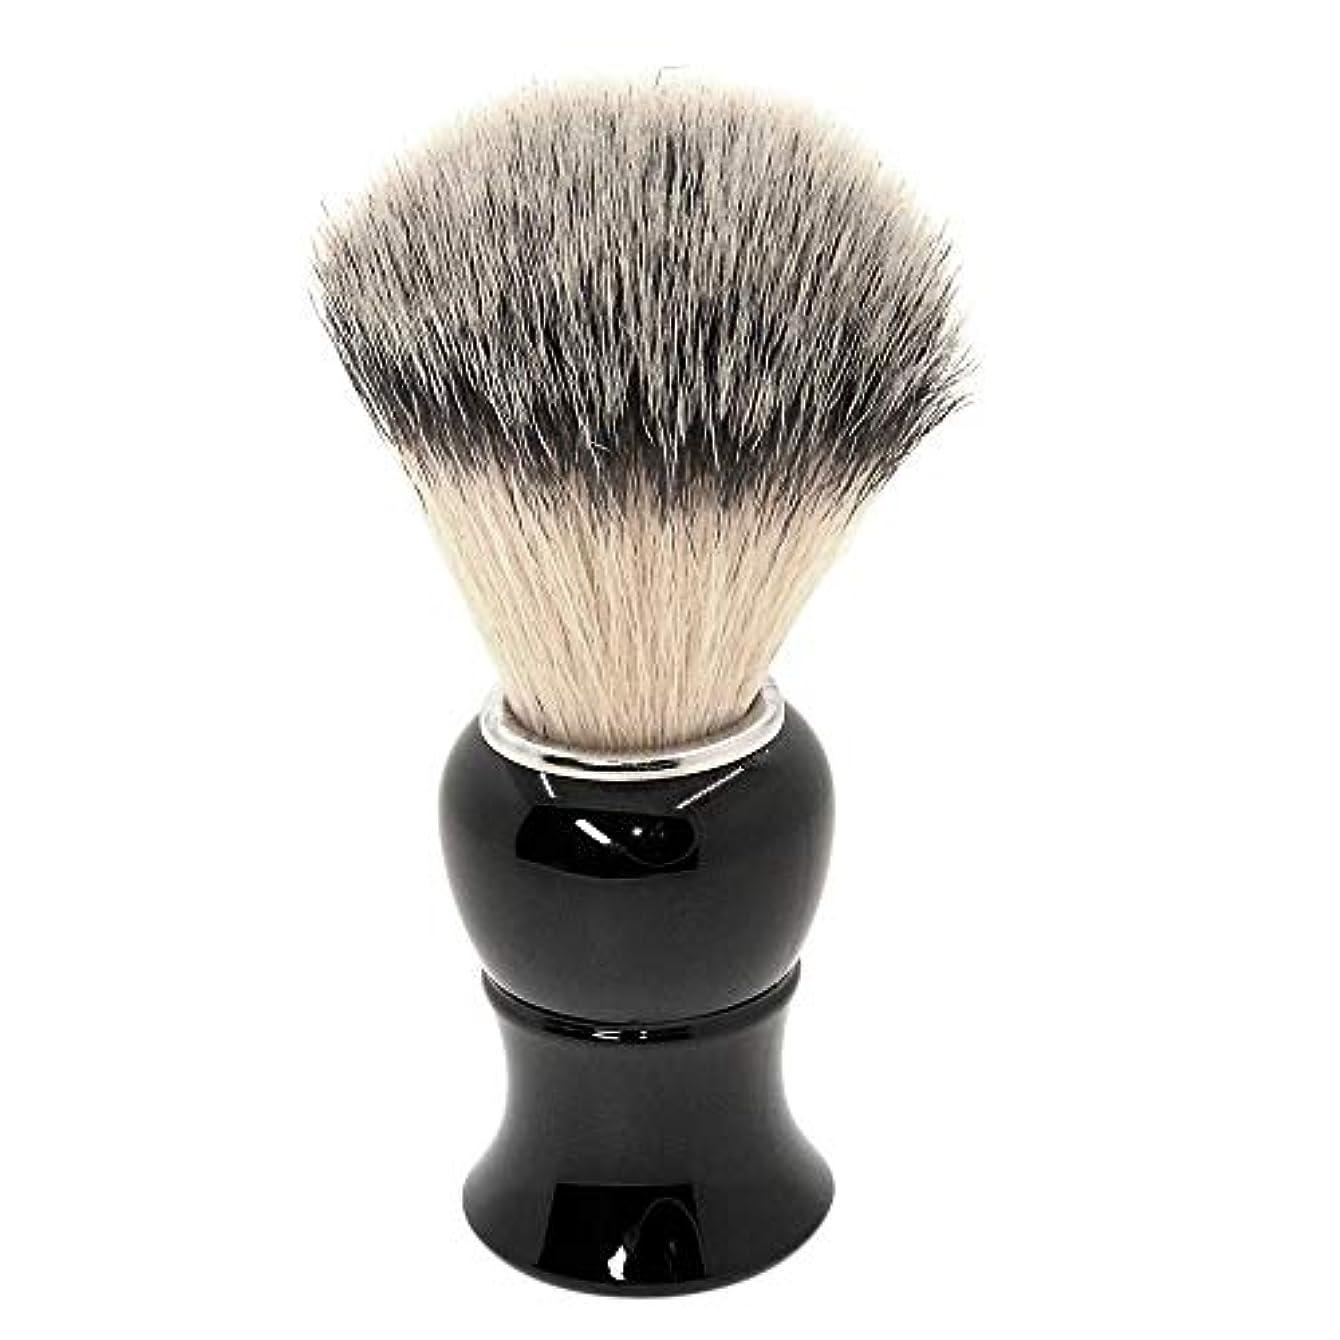 種類惑星分割あごひげケア 美容ツール シェービング ブラシ 泡立ち アナグマ 毛 理容 洗顔 髭剃り マッサージ 効果